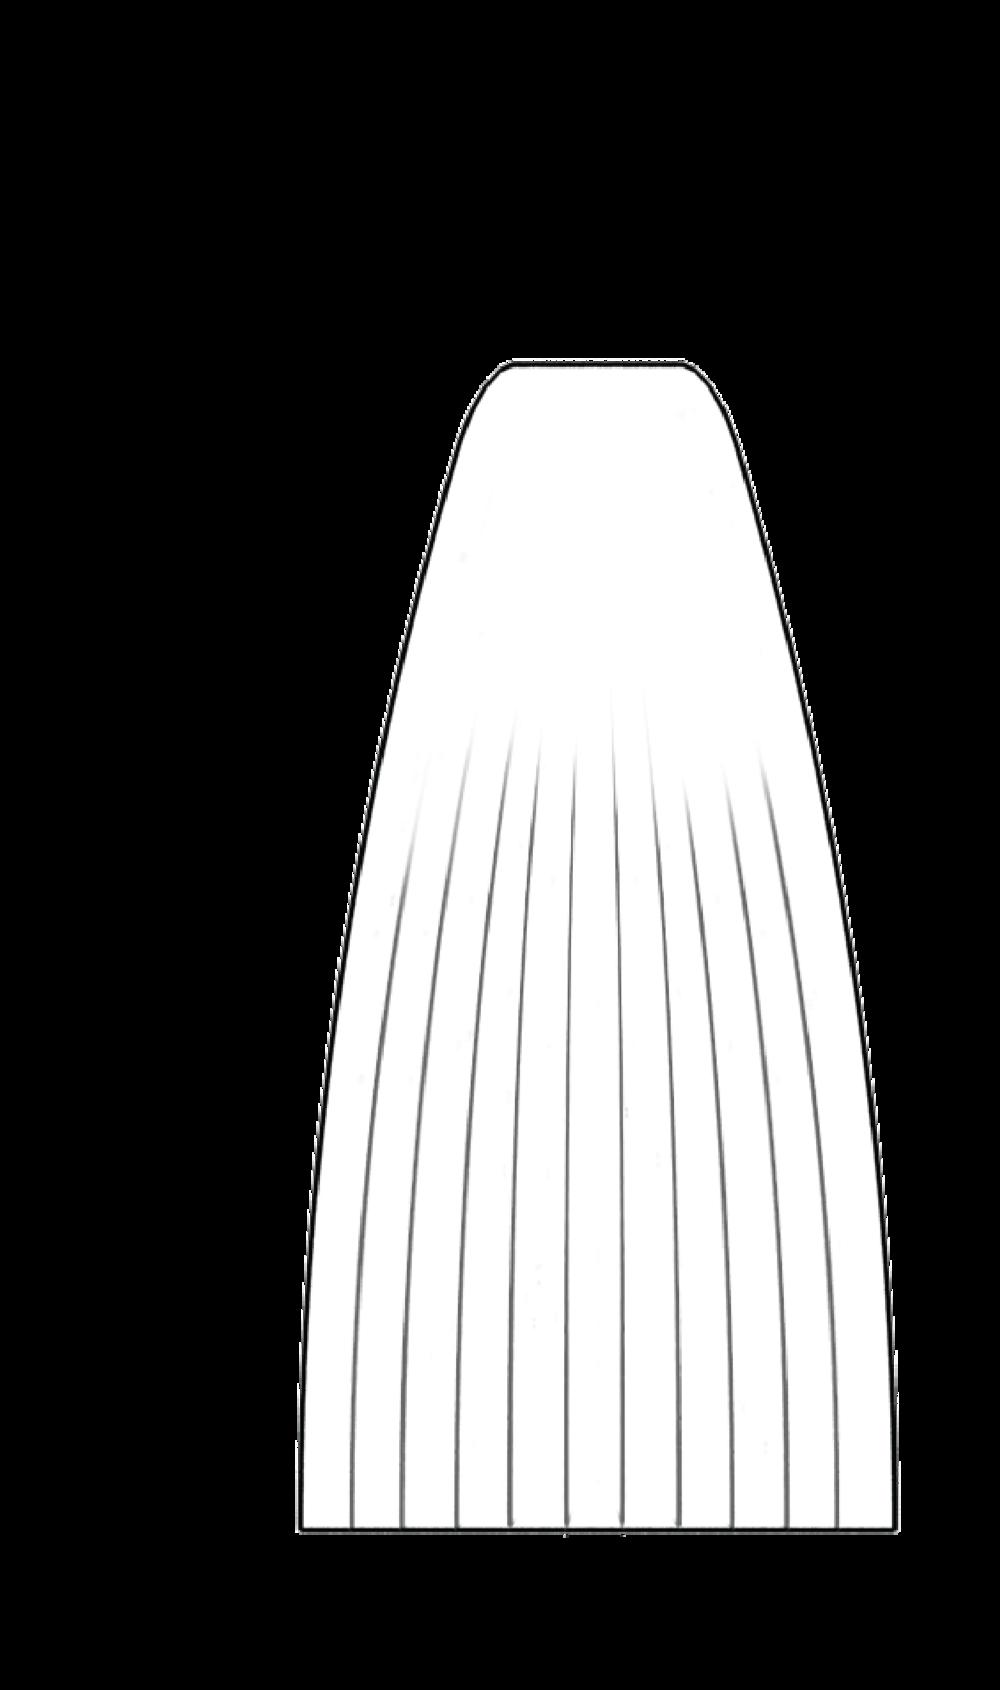 Quadra balizador - medidas-01.png